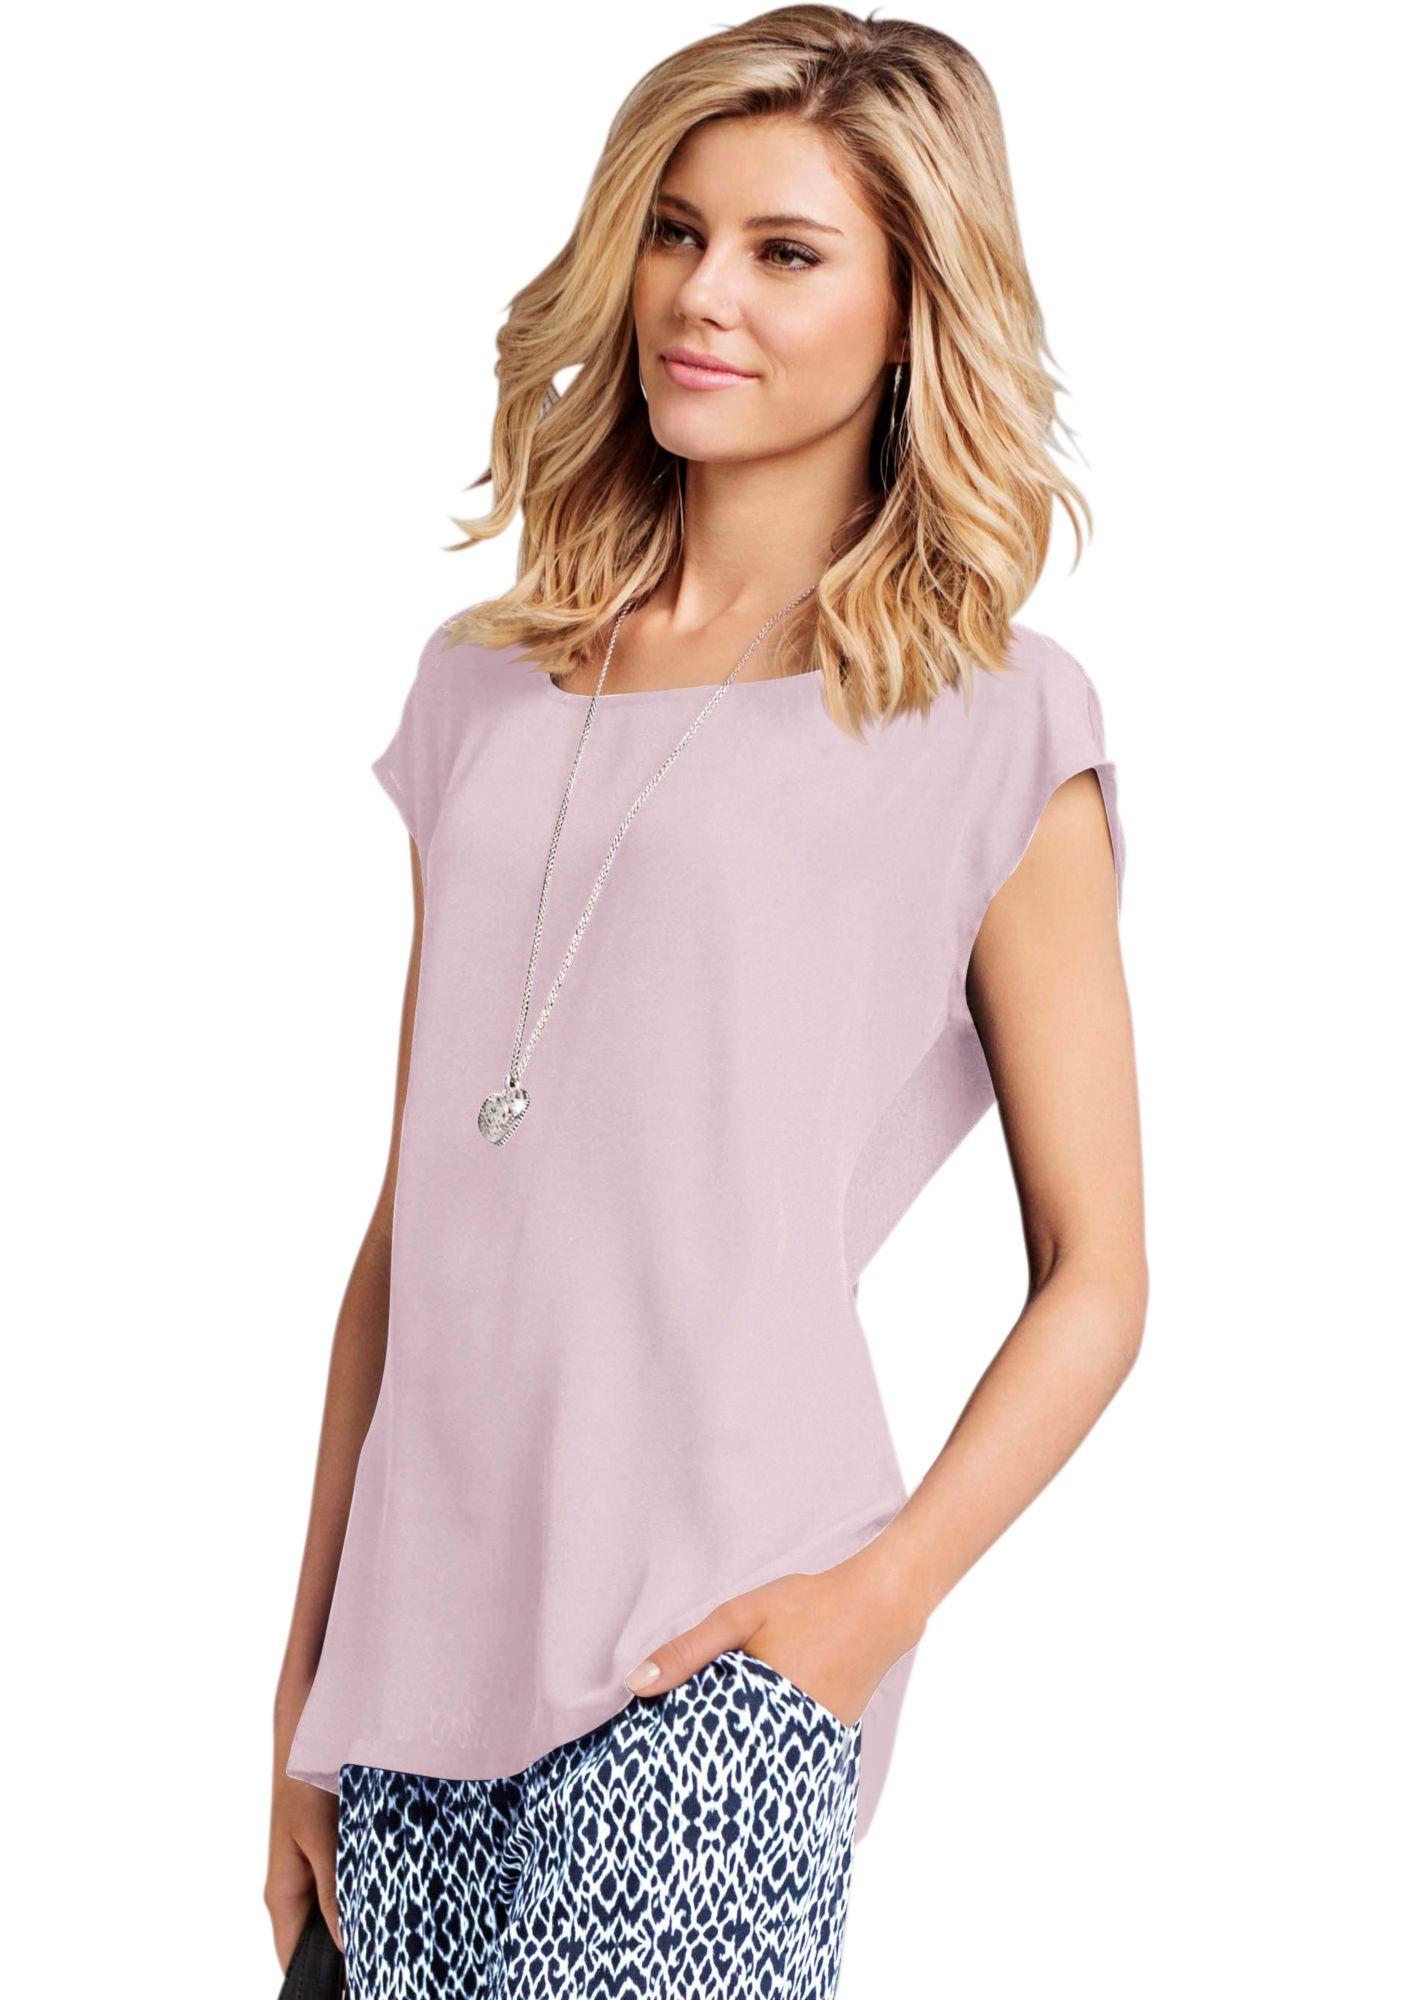 CLASSIC INSPIRATIONEN Classic Inspirationen Bluse mit überschnittenen Schultern